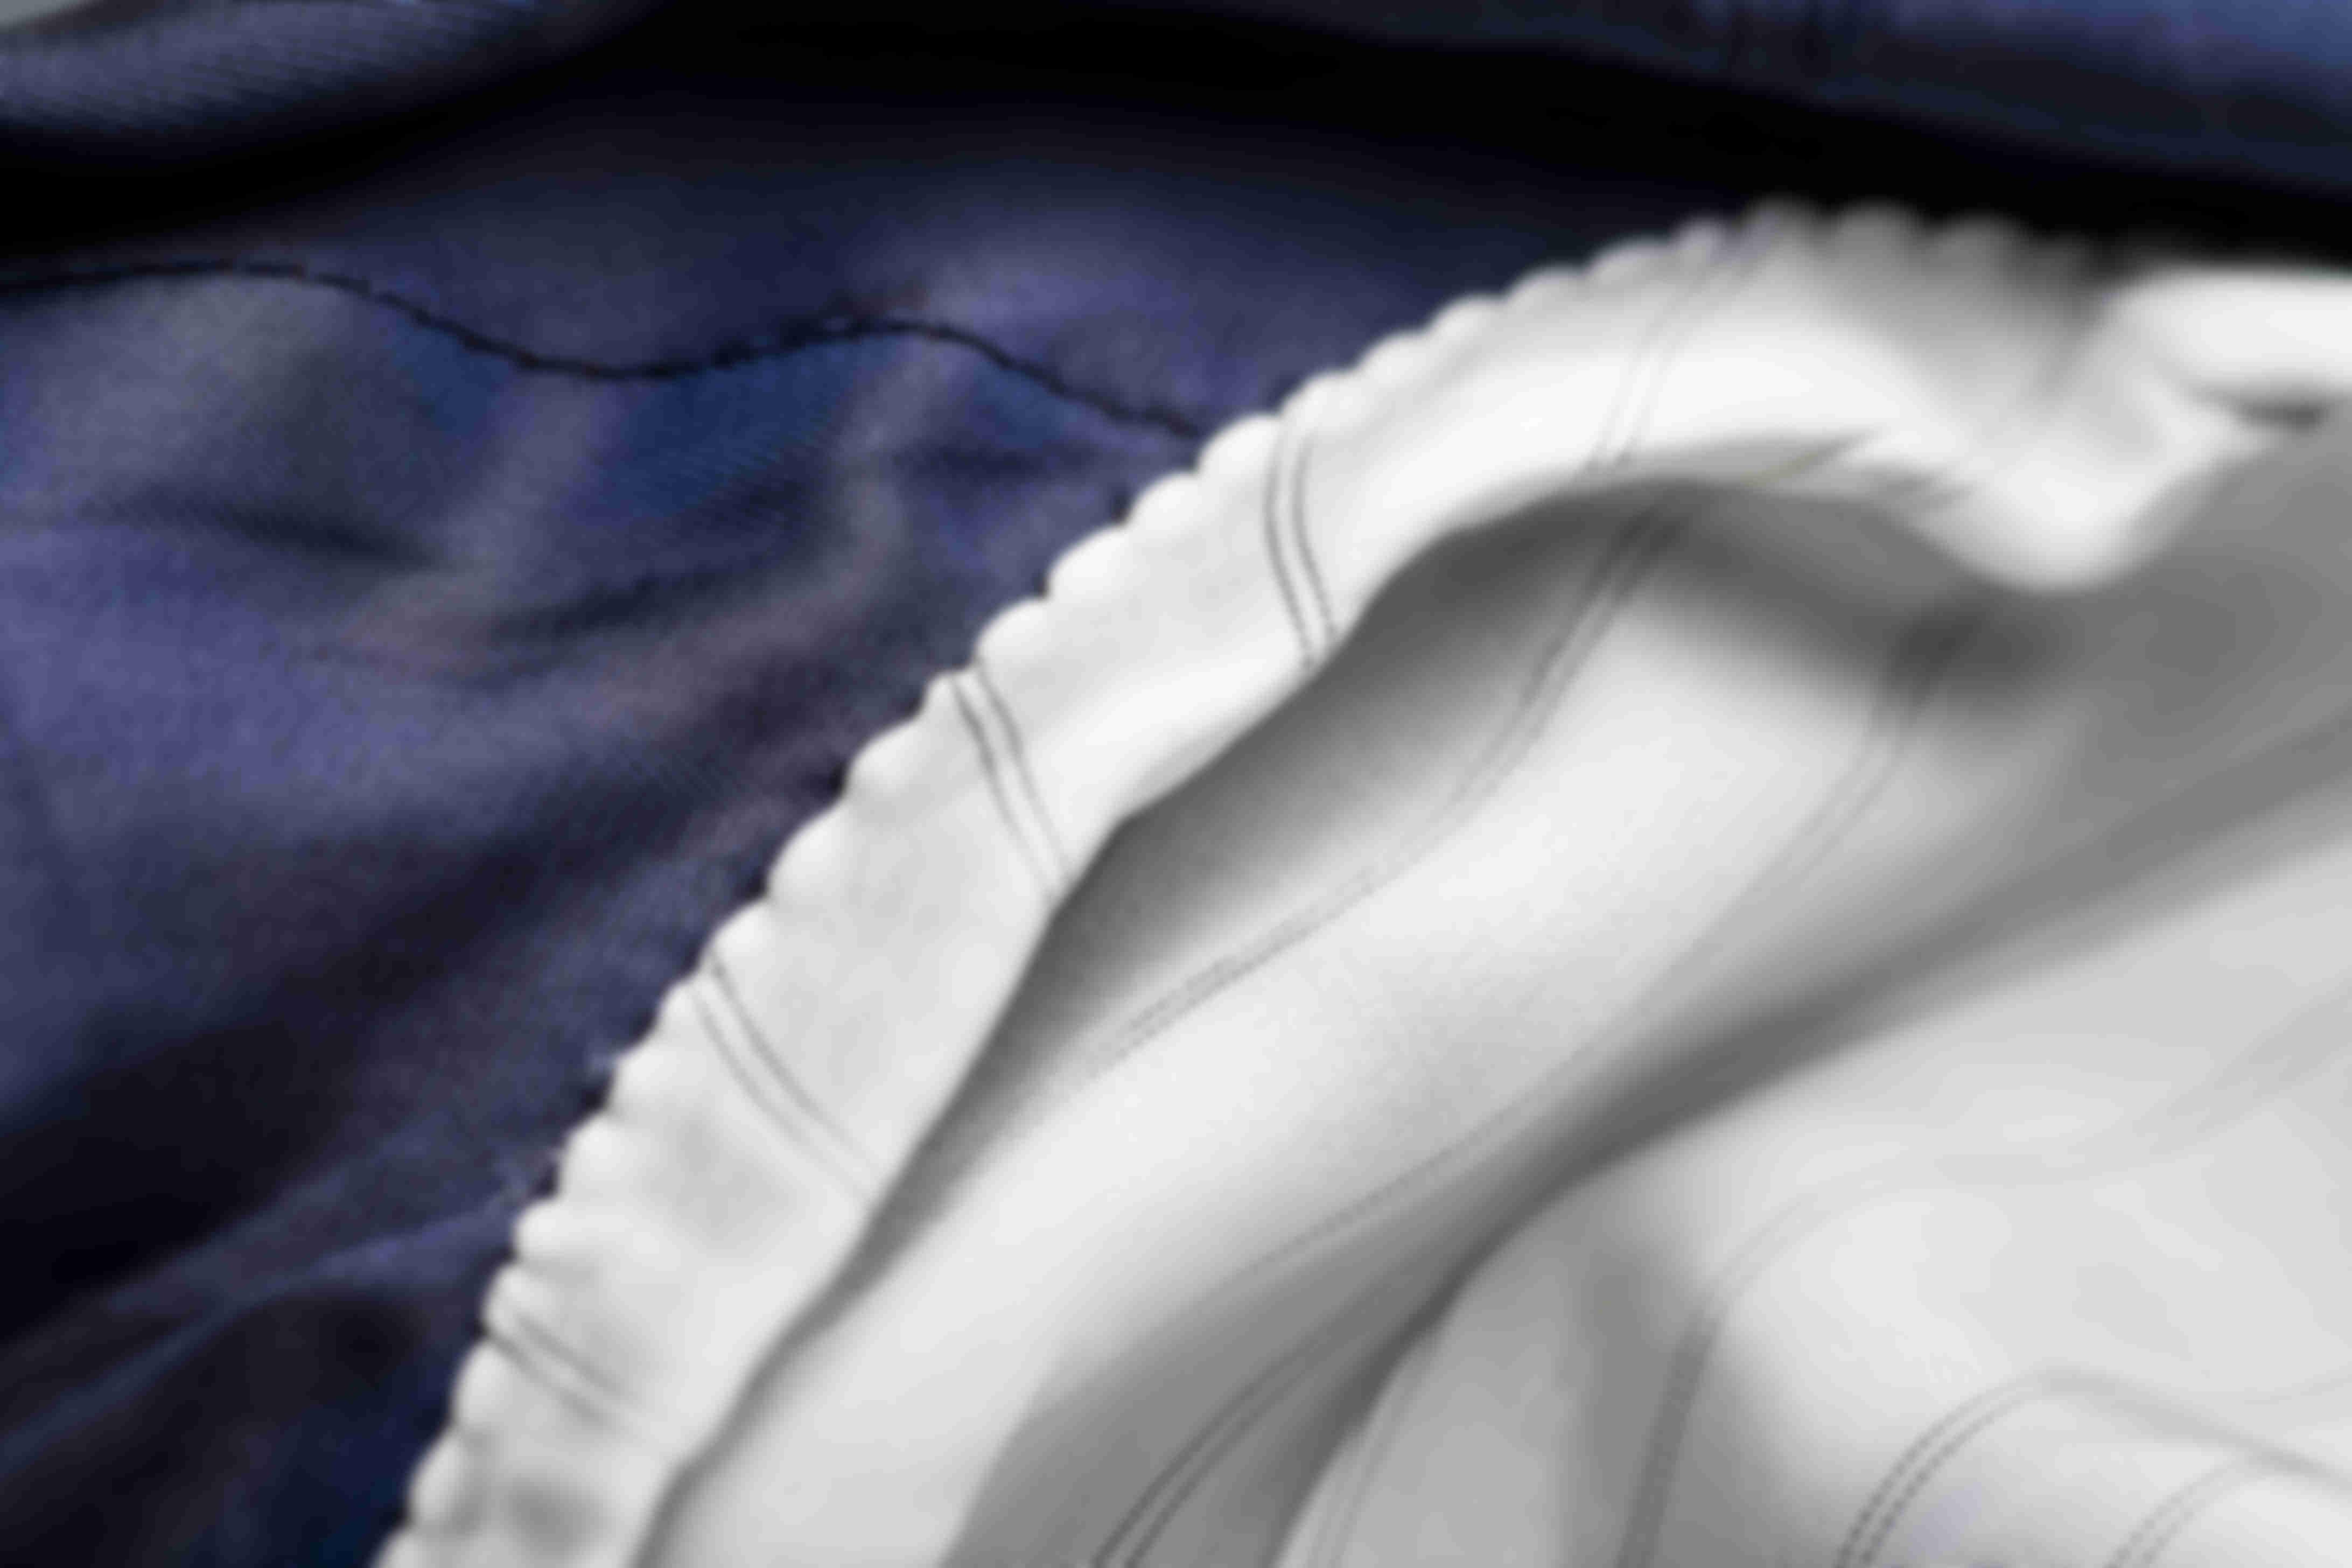 Détail sur la fabrication main de la Doublure Emmanchure des manches des vestes sur-mesure Atelier Mesure